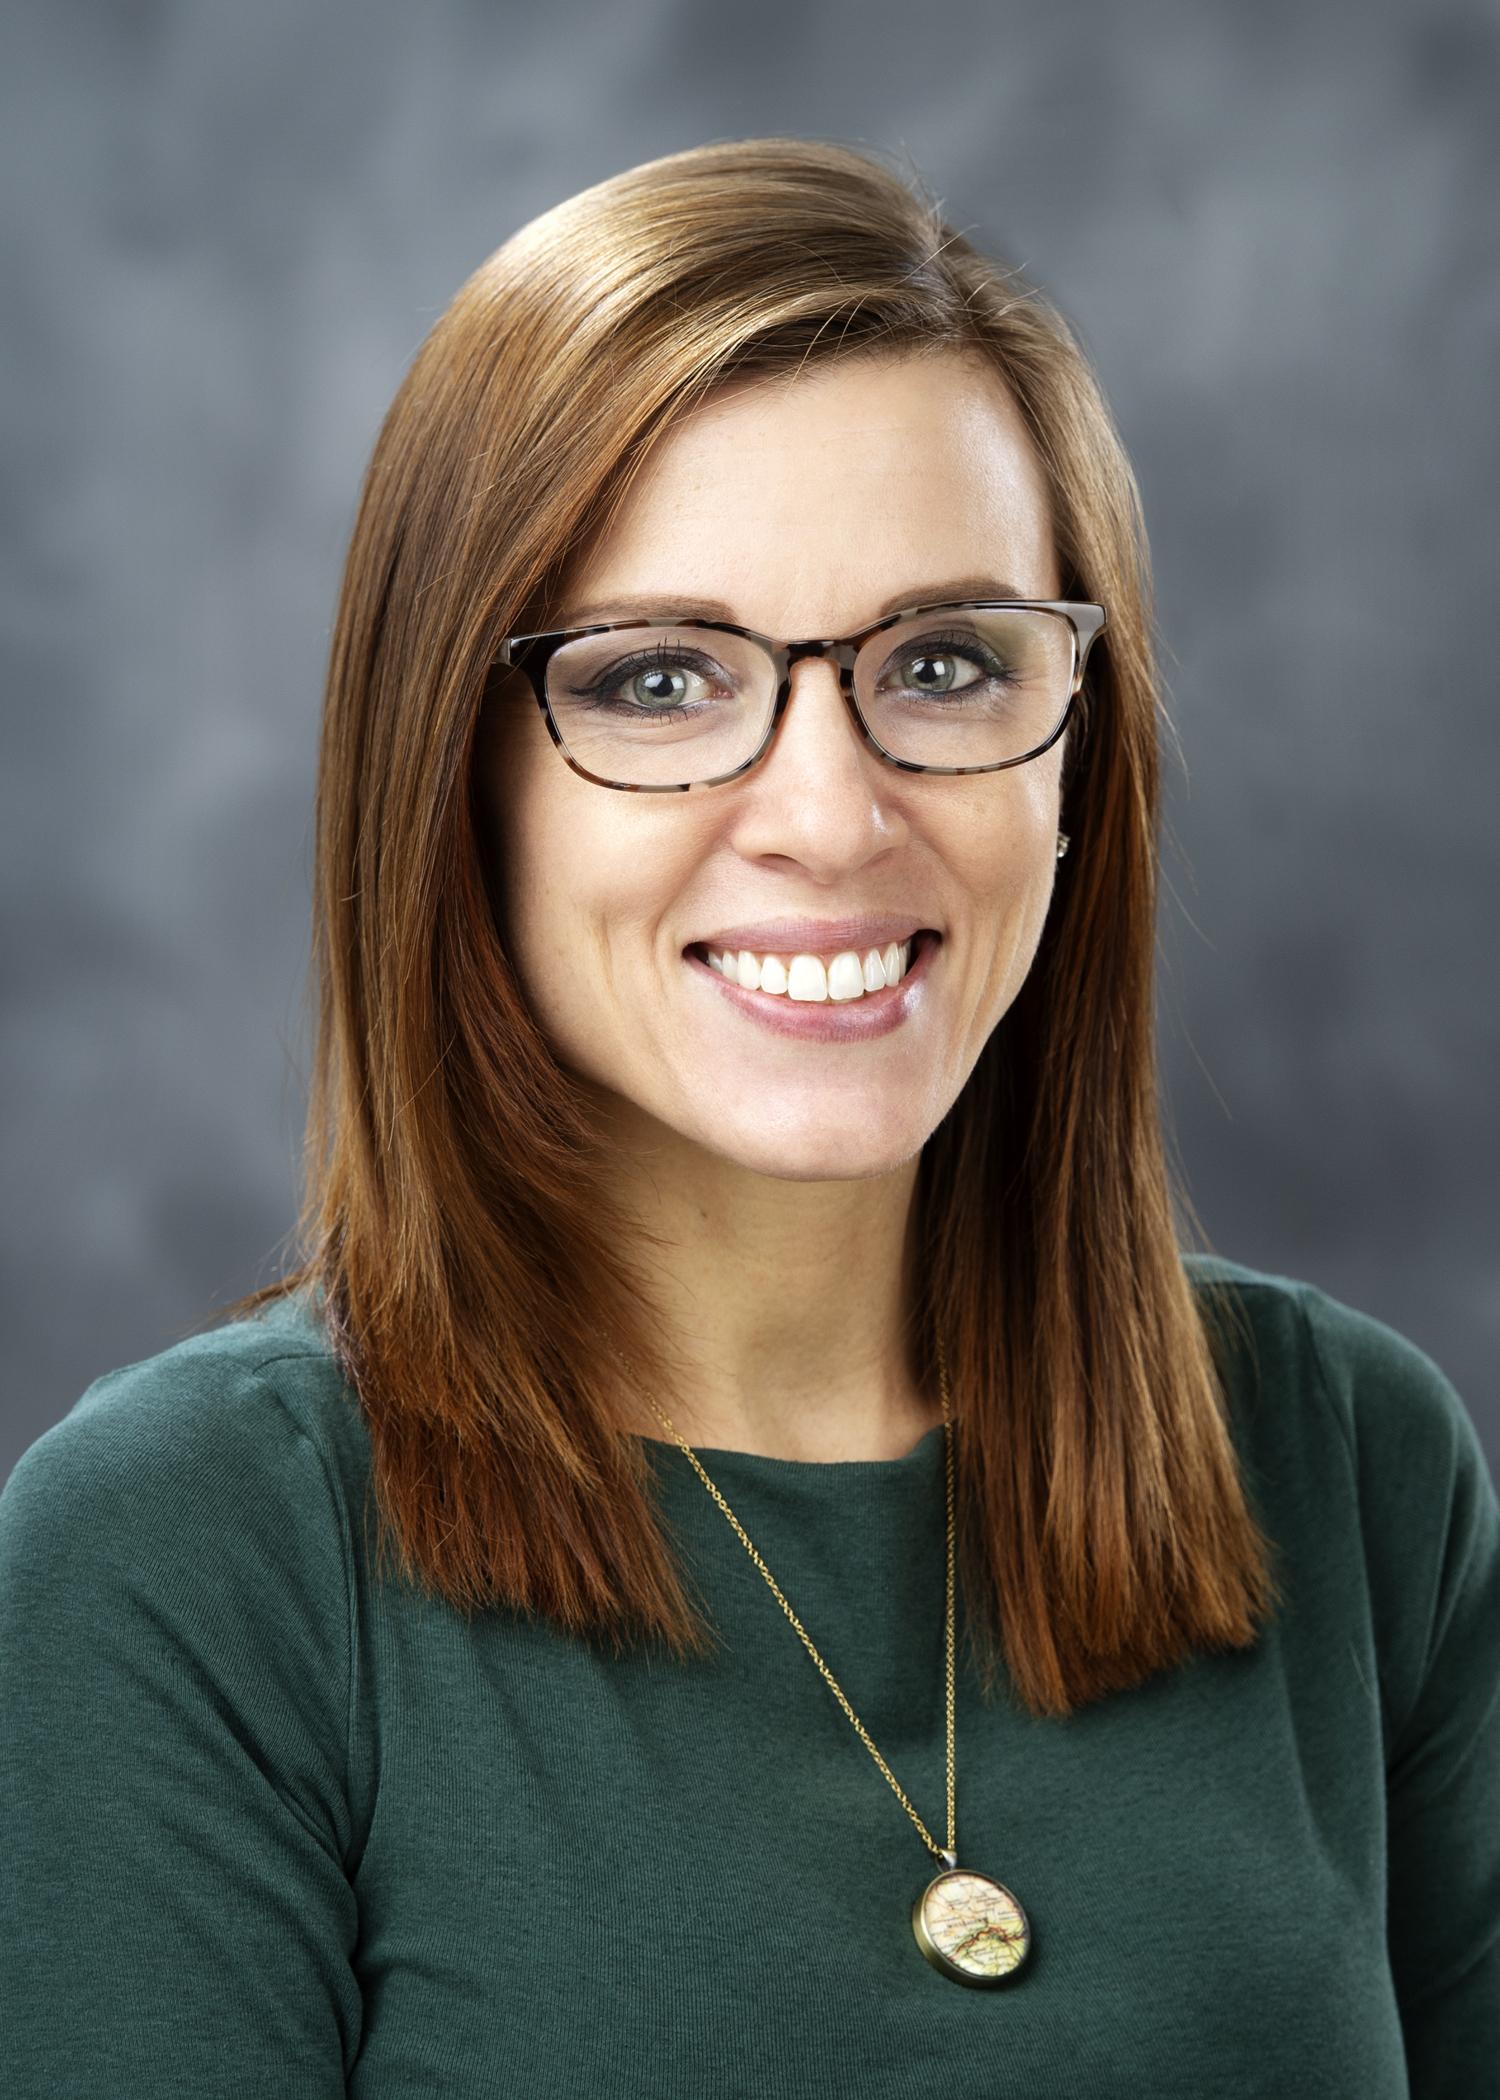 Laura M. Pate